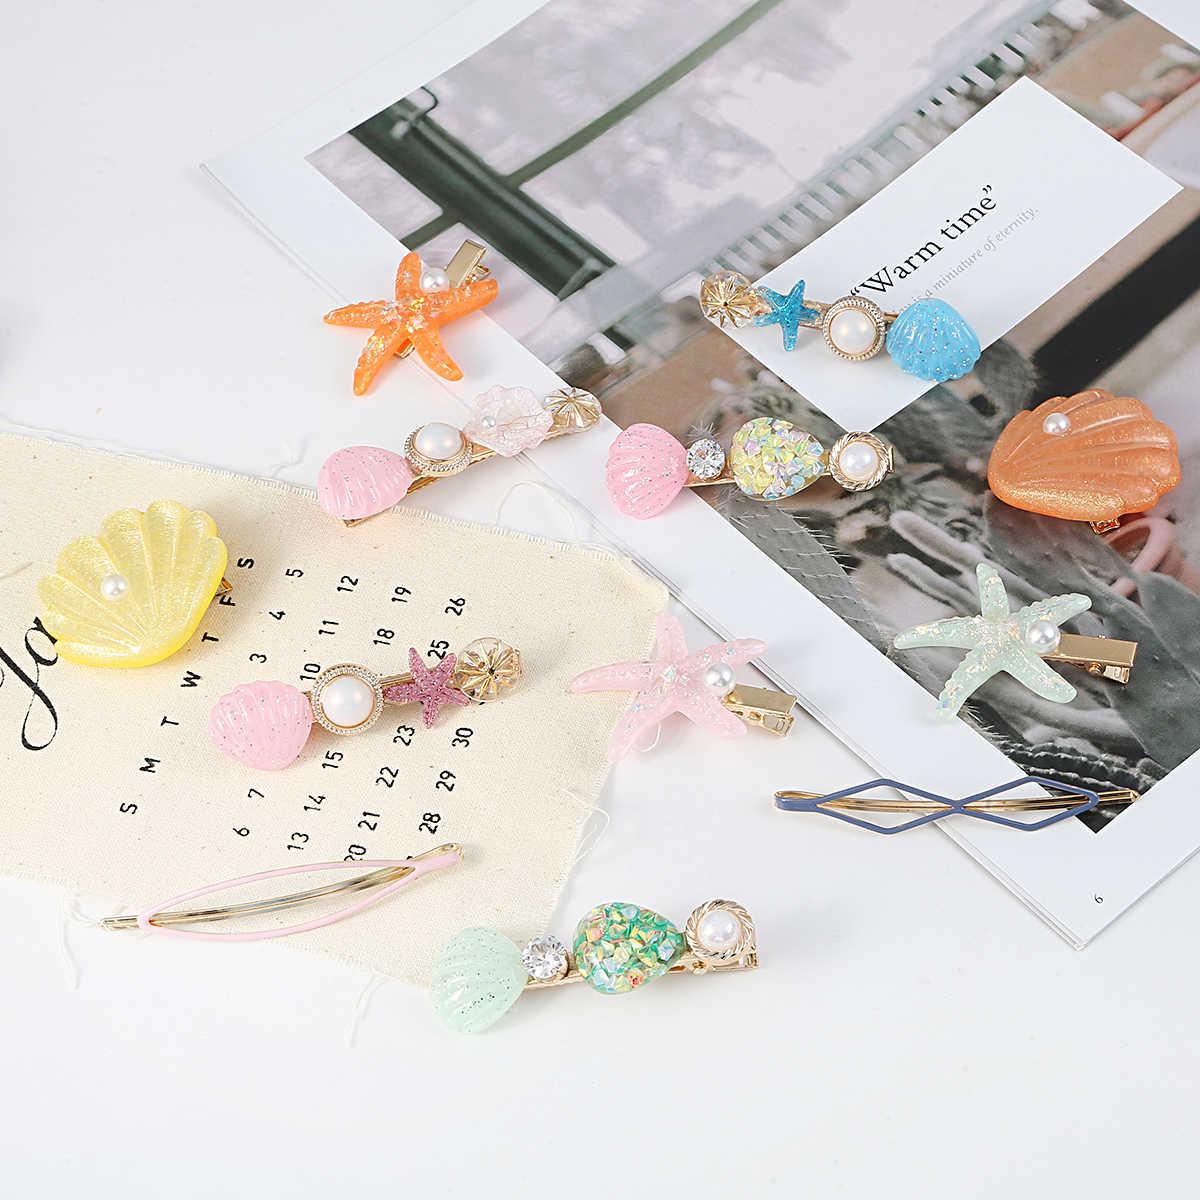 1 шт. Роскошные блестящие корейские заколки для волос с цветком из кристаллов, ободок для волос, золотые заколки для волос с кристаллами, Заколки для женщин и девушек, свадебные украшения